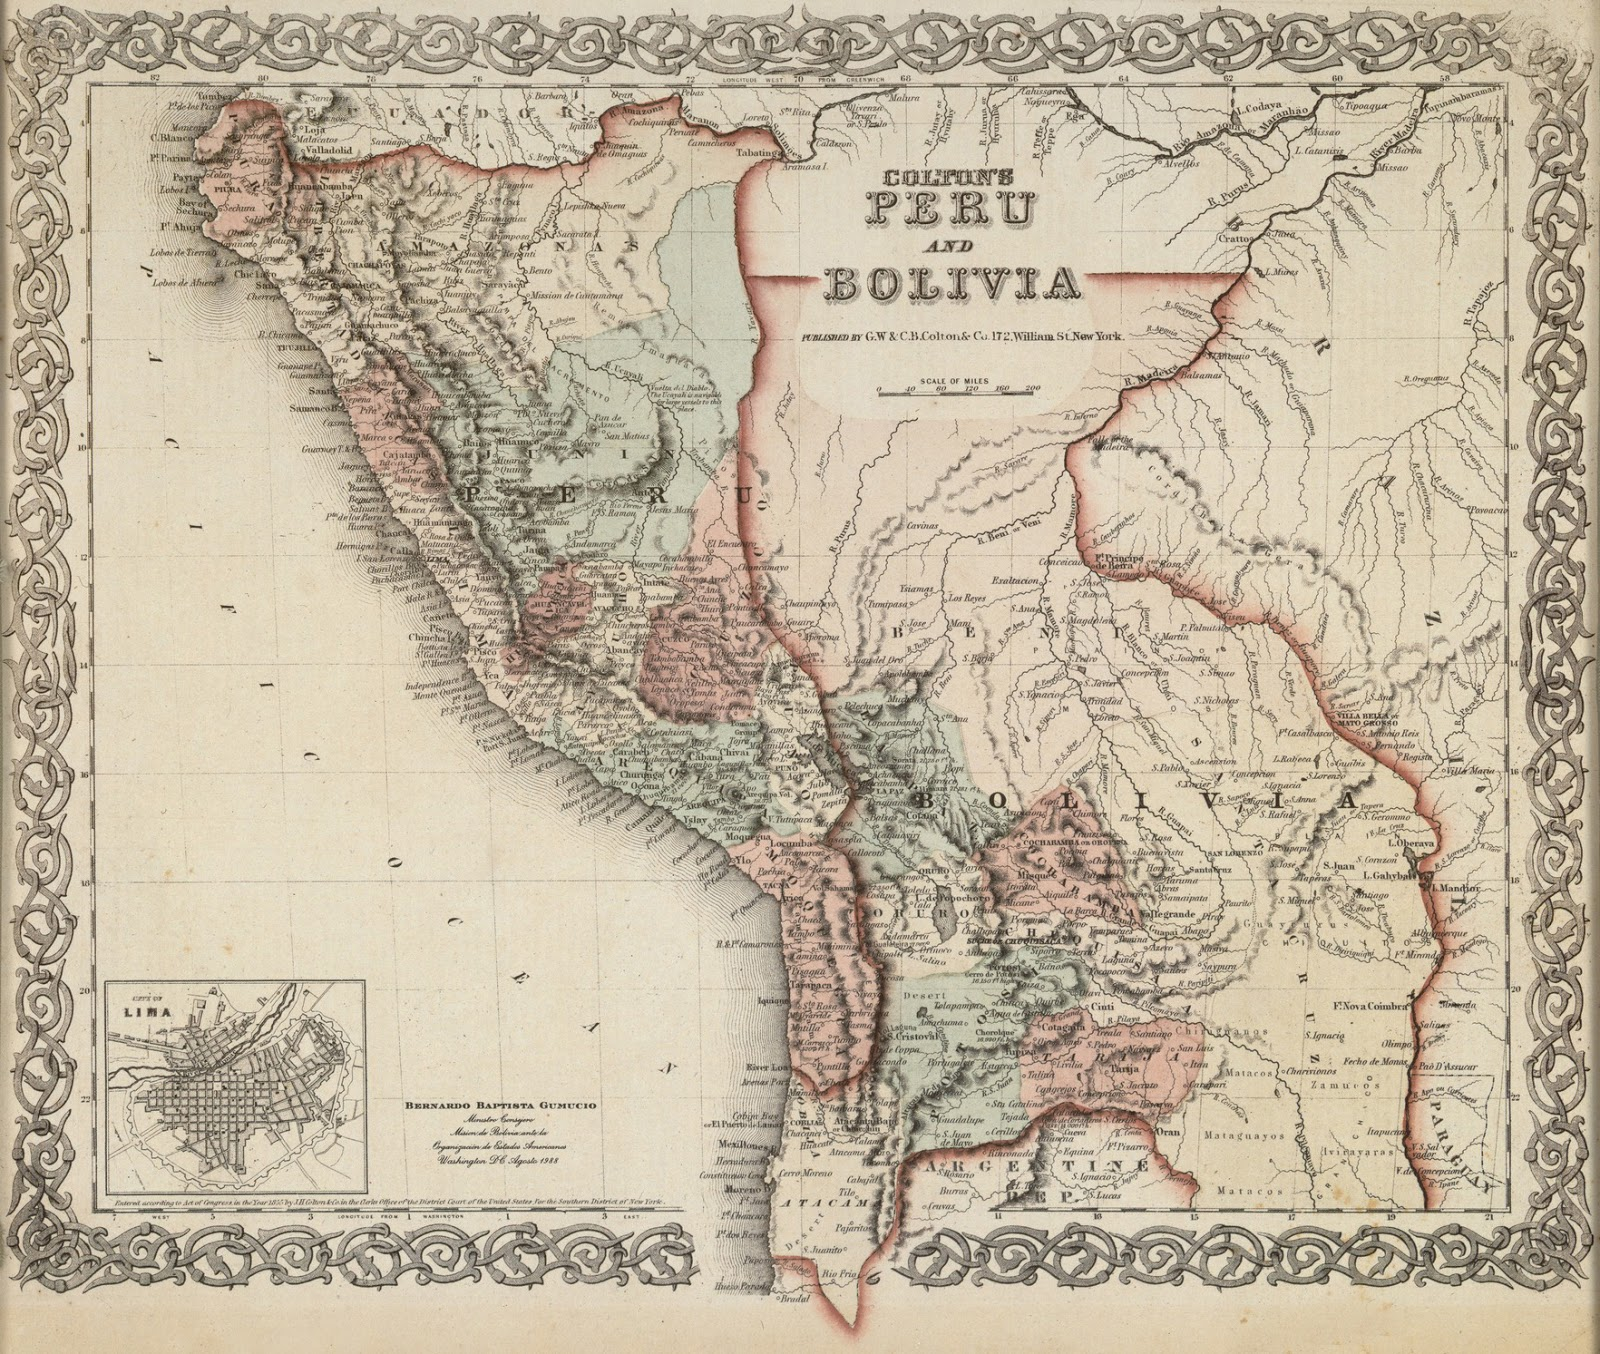 El Blog De Cesar Vasquez Bazan Peru Politica Economia Historia Mapas Del Peru En El Siglo Xix El Peru En 1810 1812 1823 1828 1829 1833 1836 1840 1843 1848 1850 1855 1865 1871 1875 1877 1883 1889 Y 1897